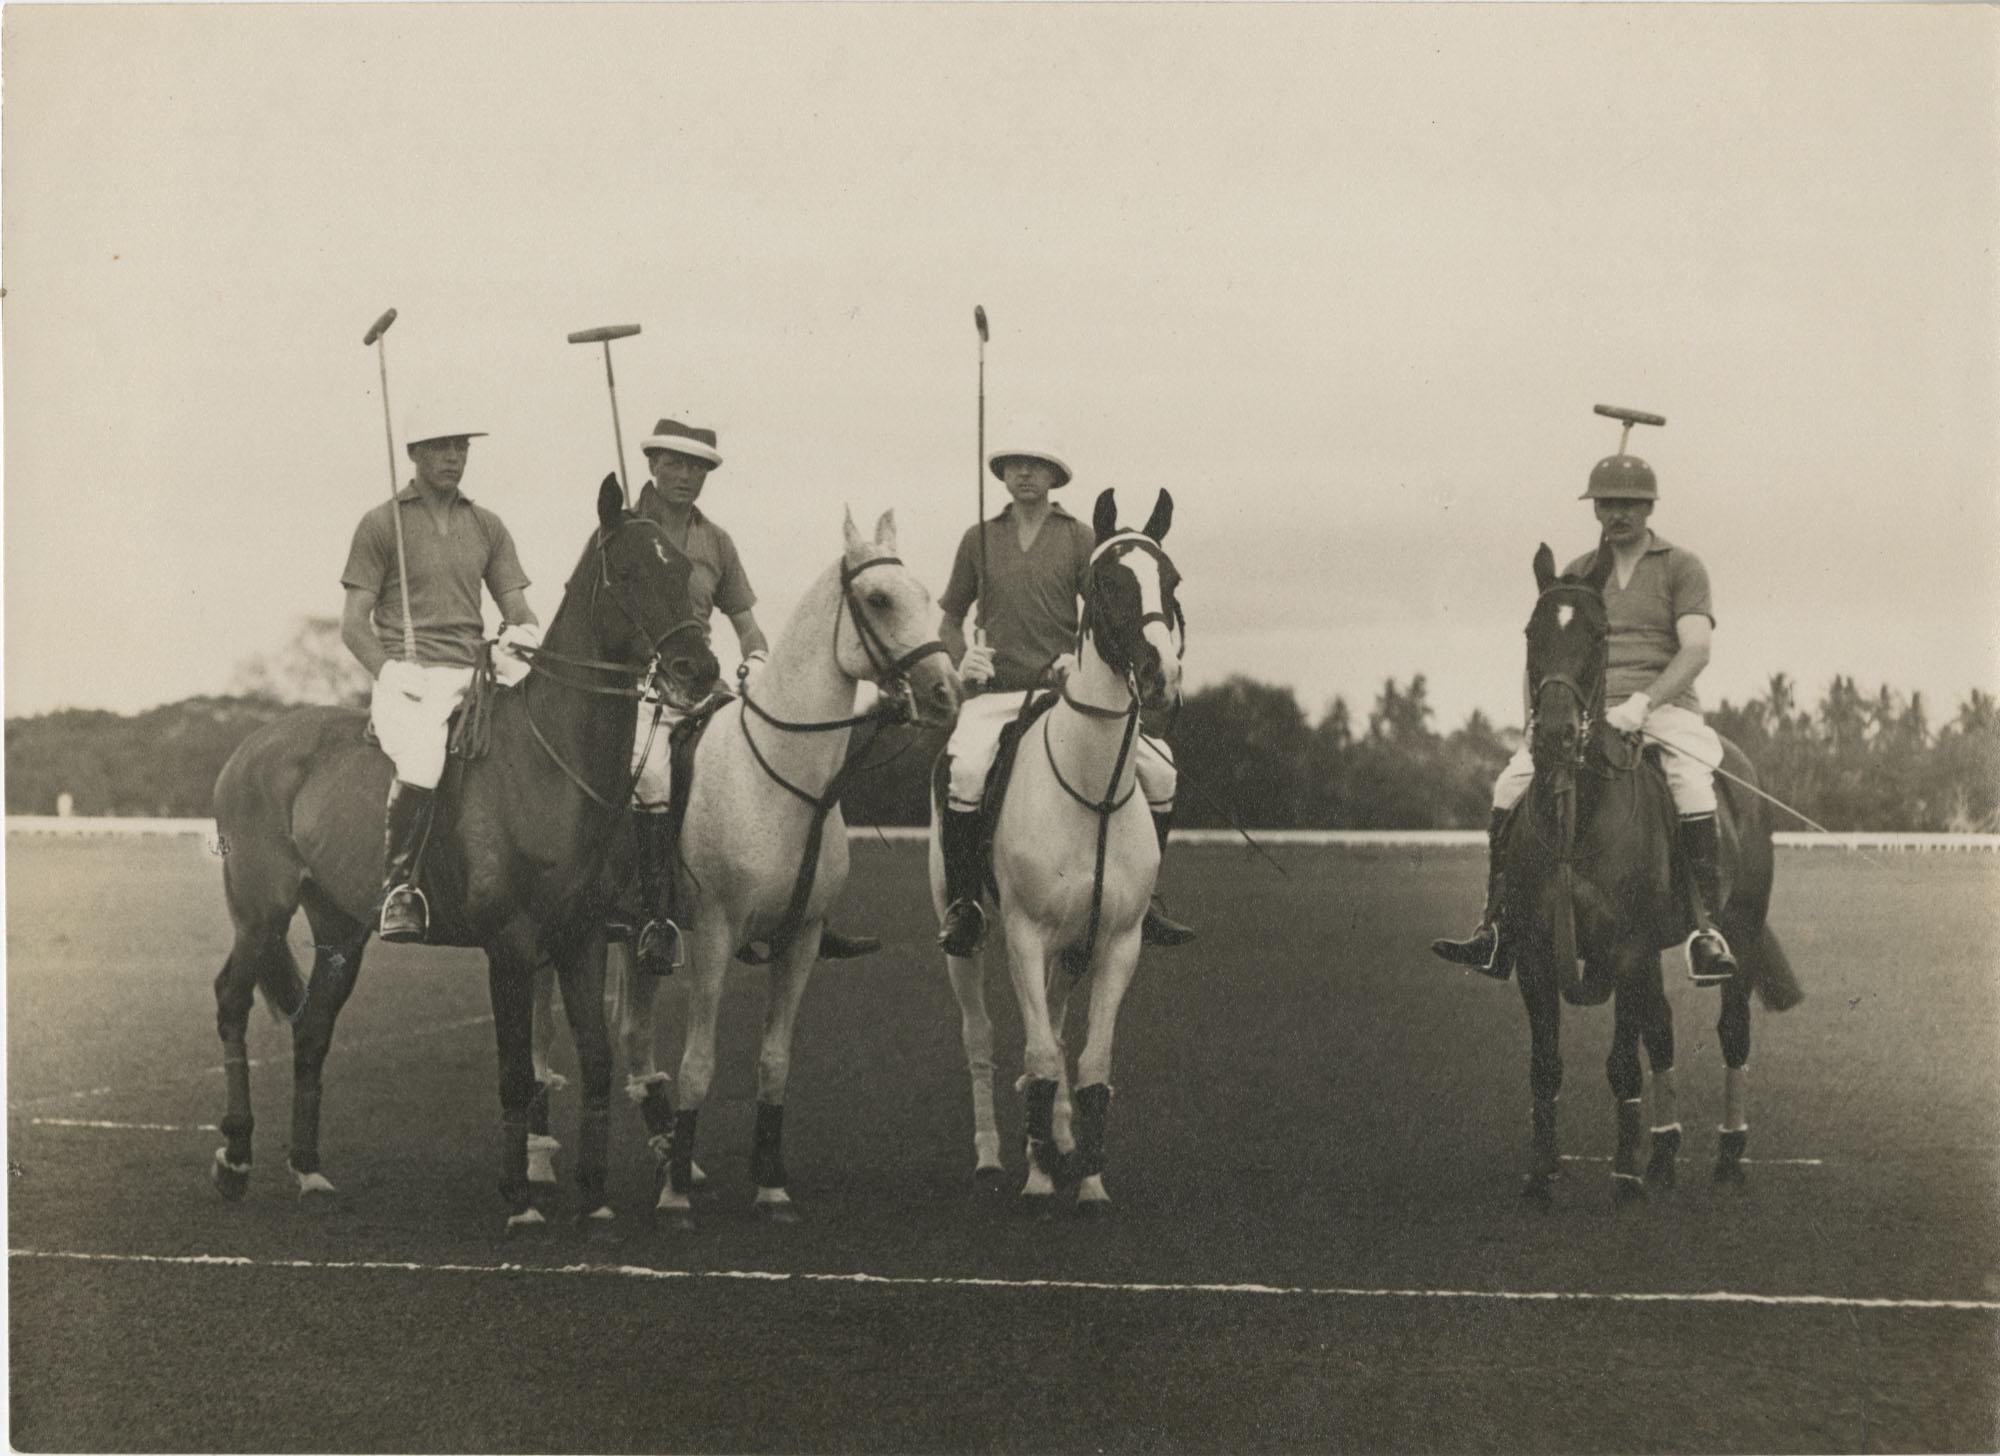 Mario Pansa with his polo team, Photograph 1